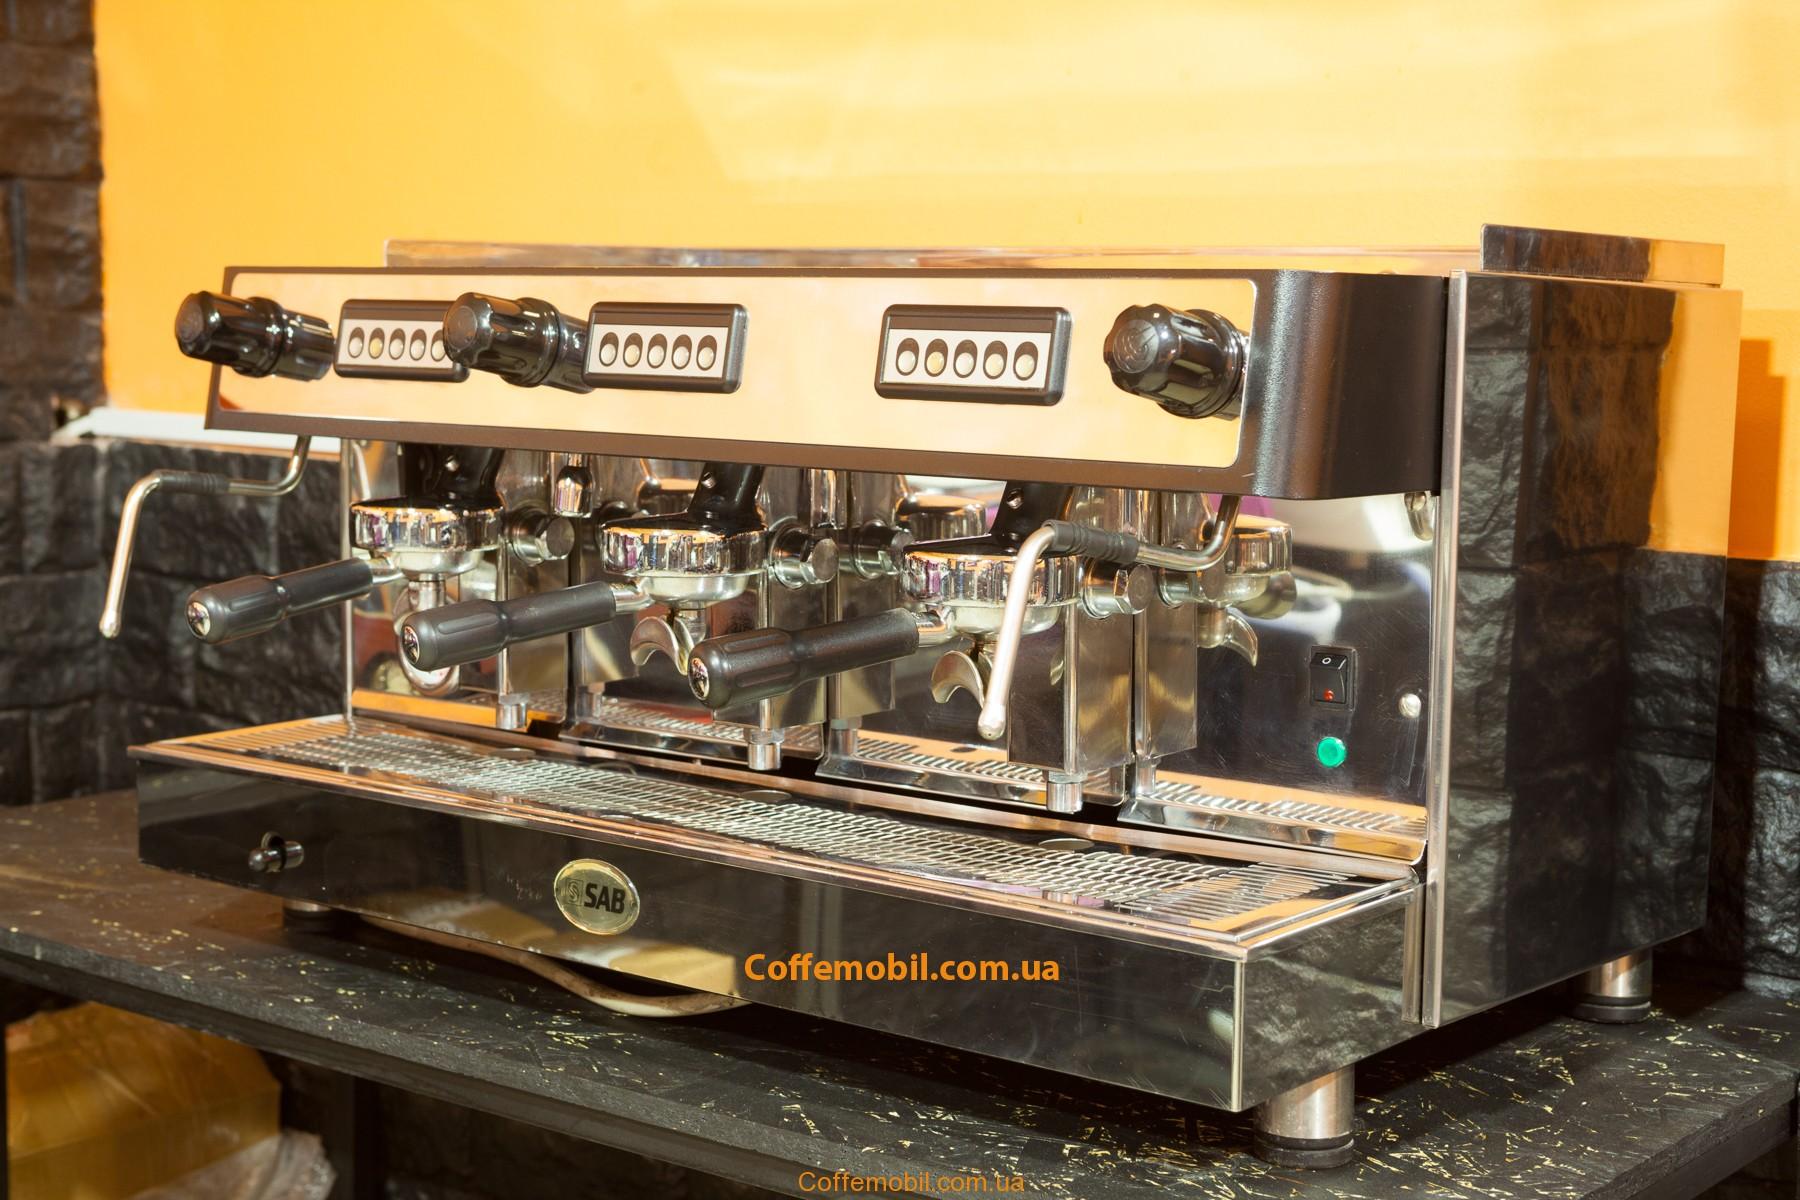 Профессиональная кофеварка Sab Jolly на 3 поста